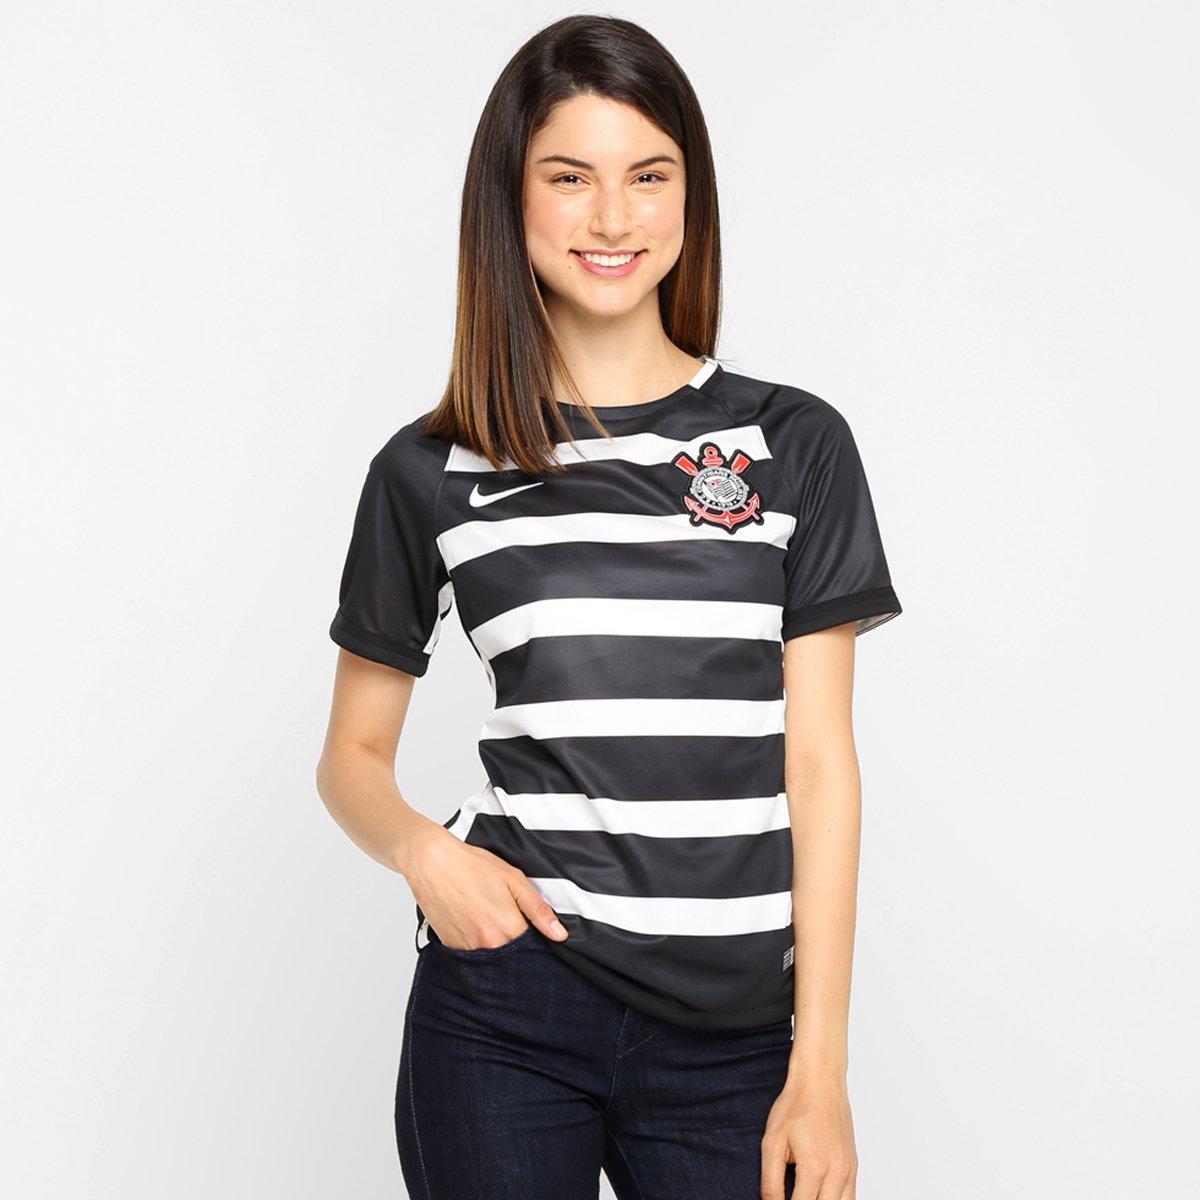 Camisa Feminina Nike Corinthians II 15 16 s nº - Compre Agora  d5b6dc8a3d2bb